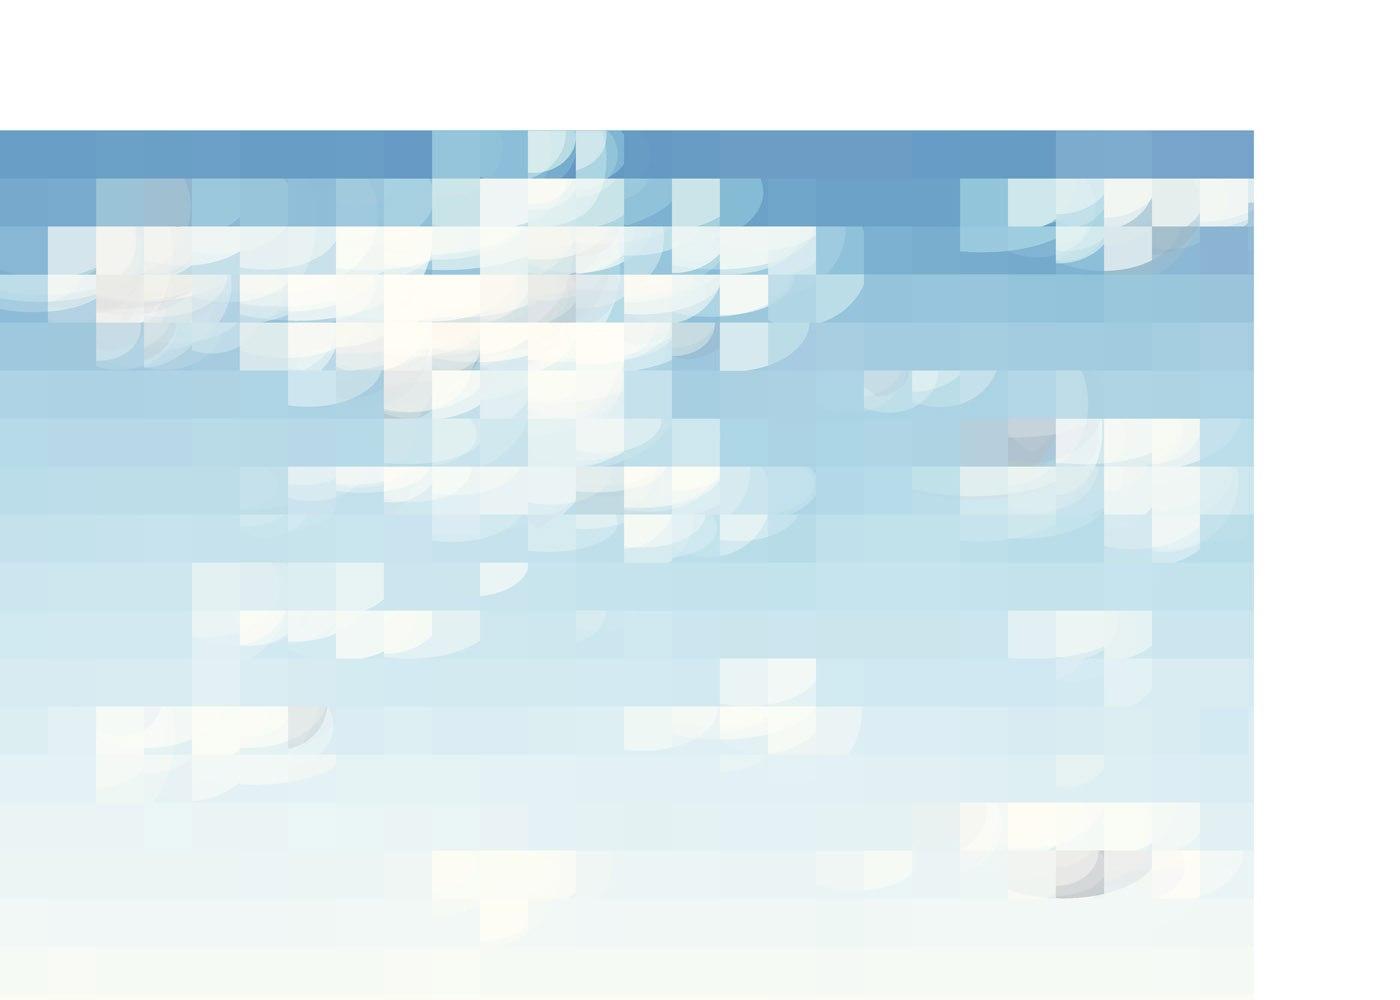 IBM Gets Clever(safe) to Broaden Cloud Offerings